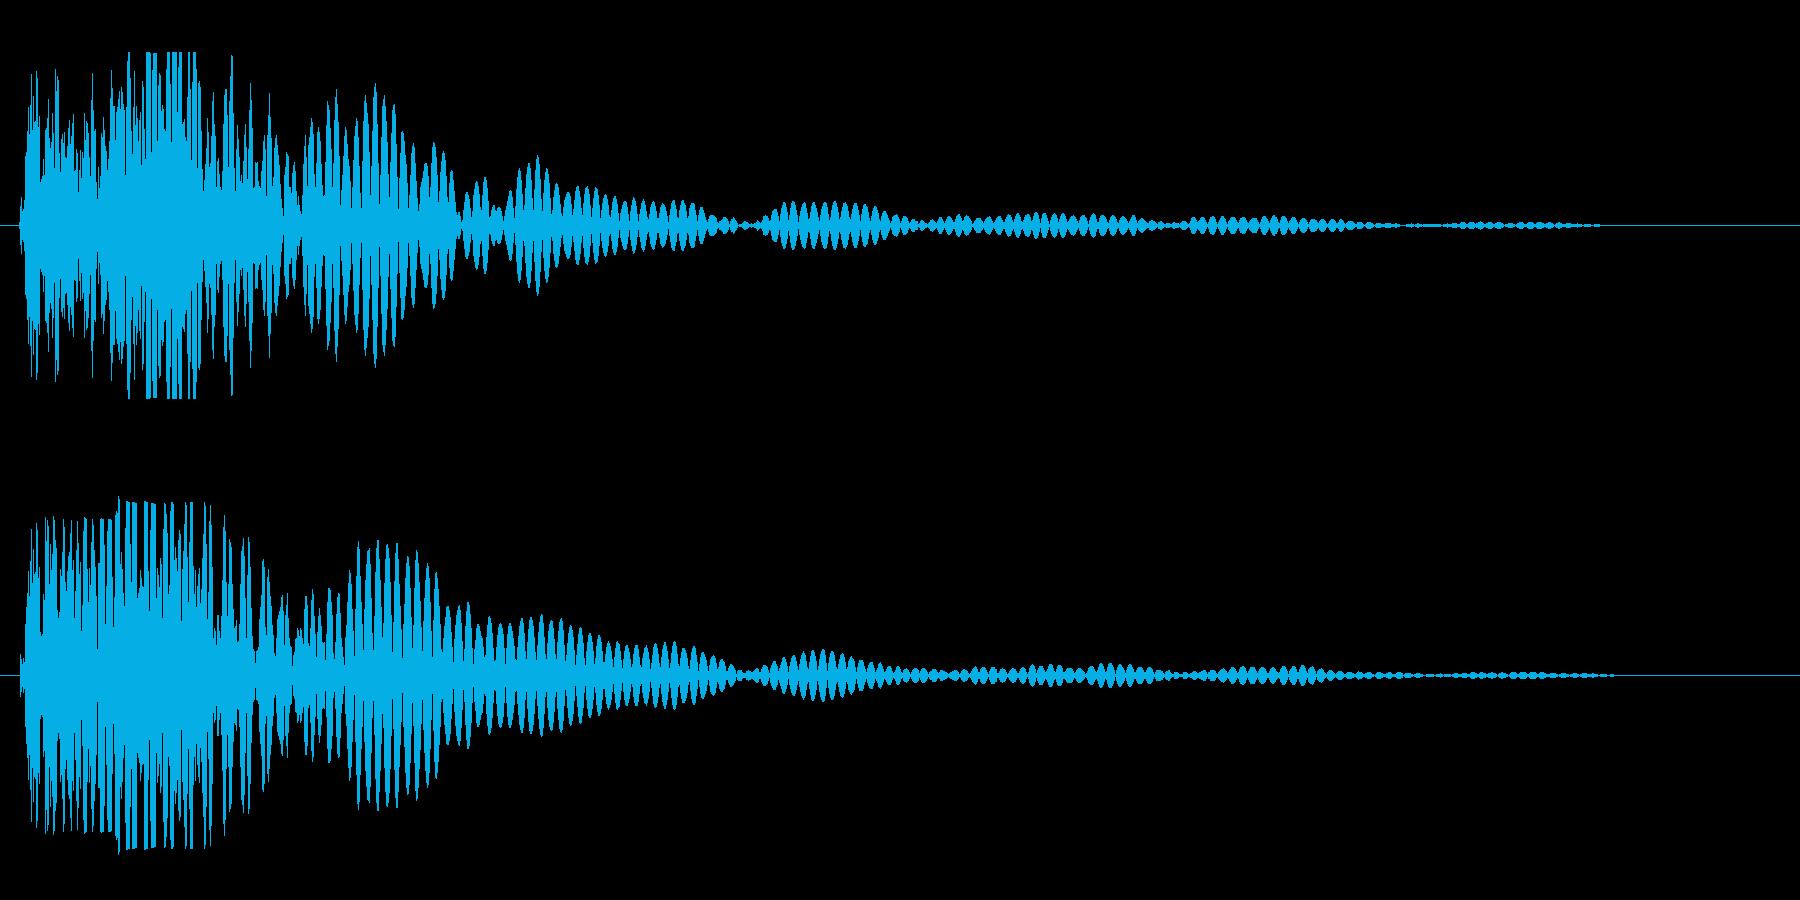 バシーンと何かがぶつかった音、衝撃音の再生済みの波形